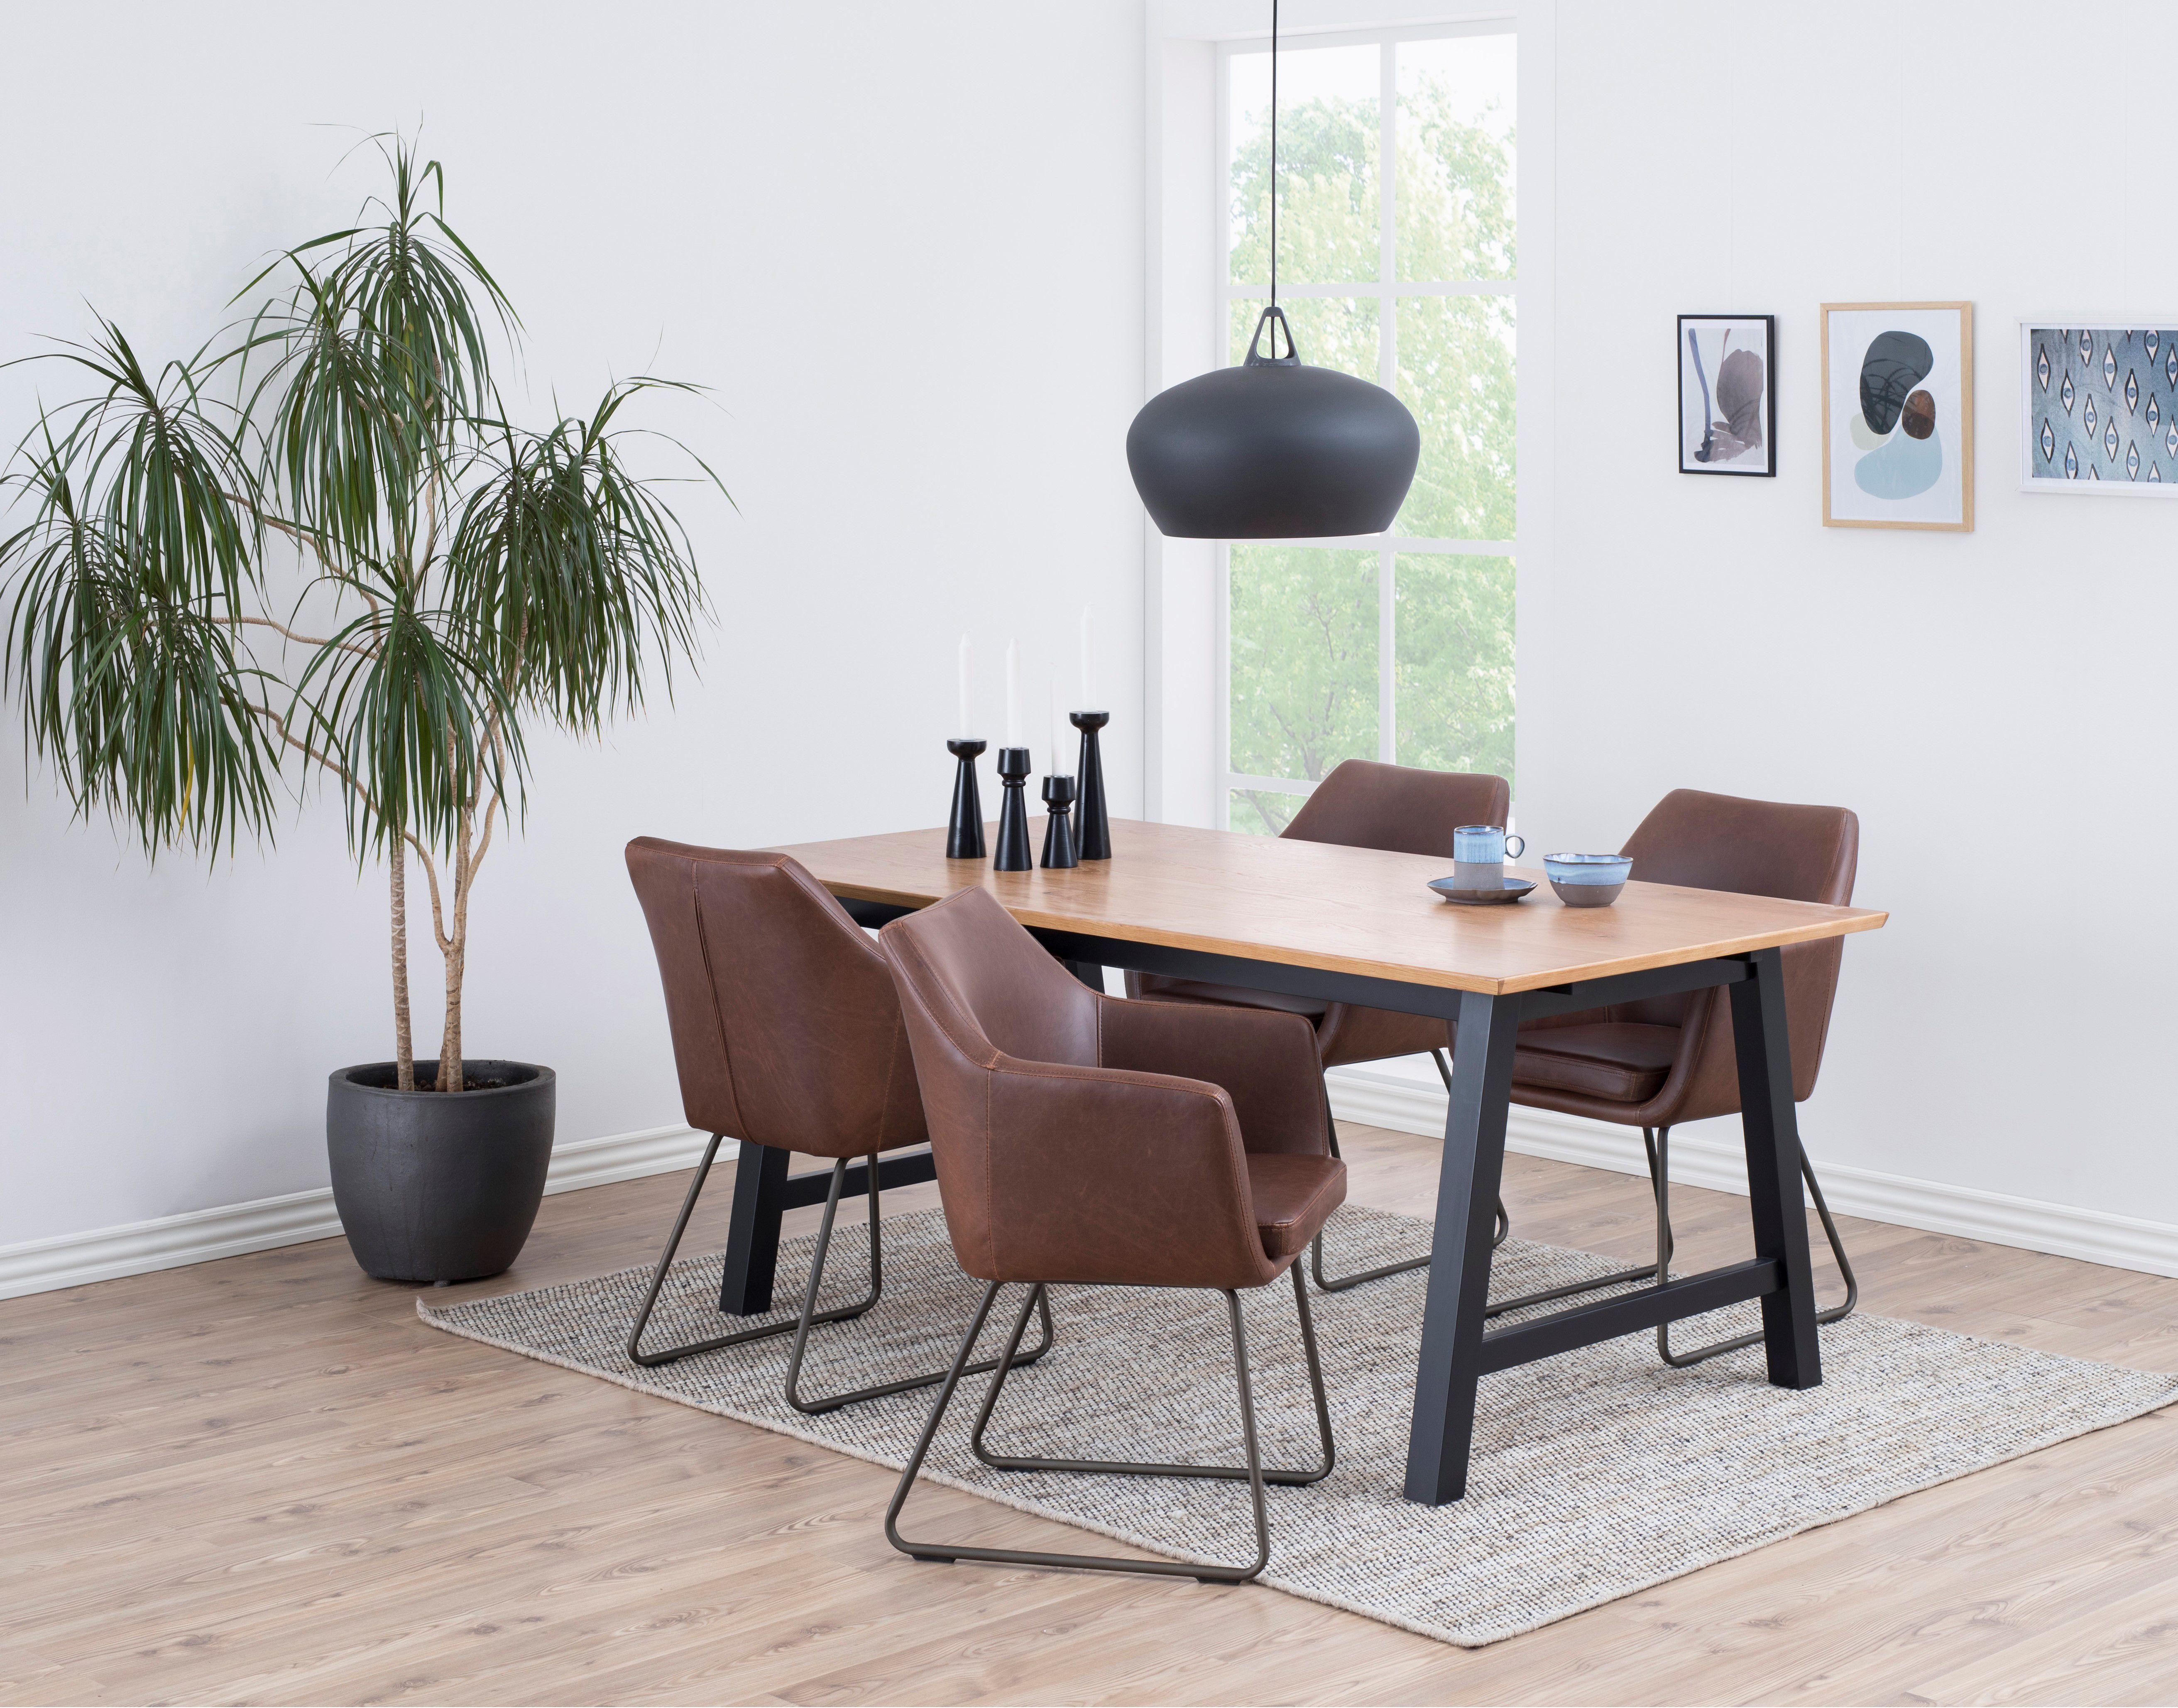 andrup-eetstoel-pu-bruin-zwart-frame-5